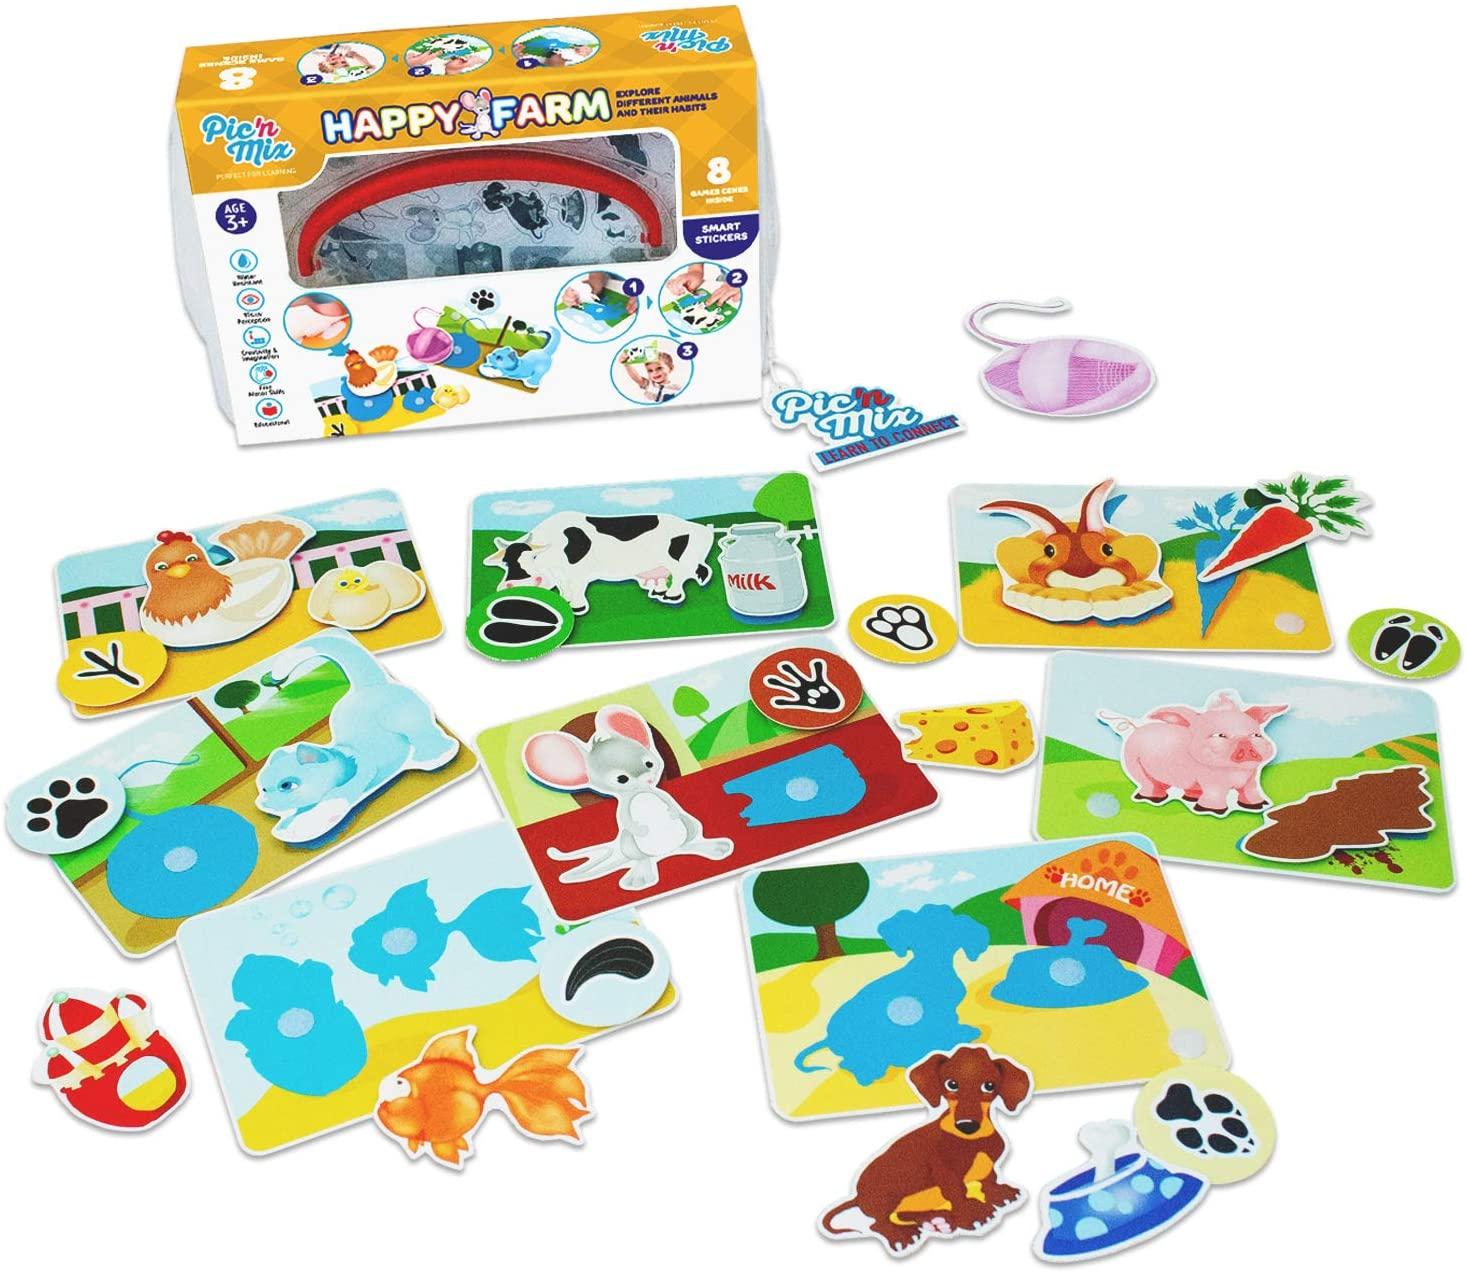 Pic N Mix Toddler Board Games Happy Farm Preschool